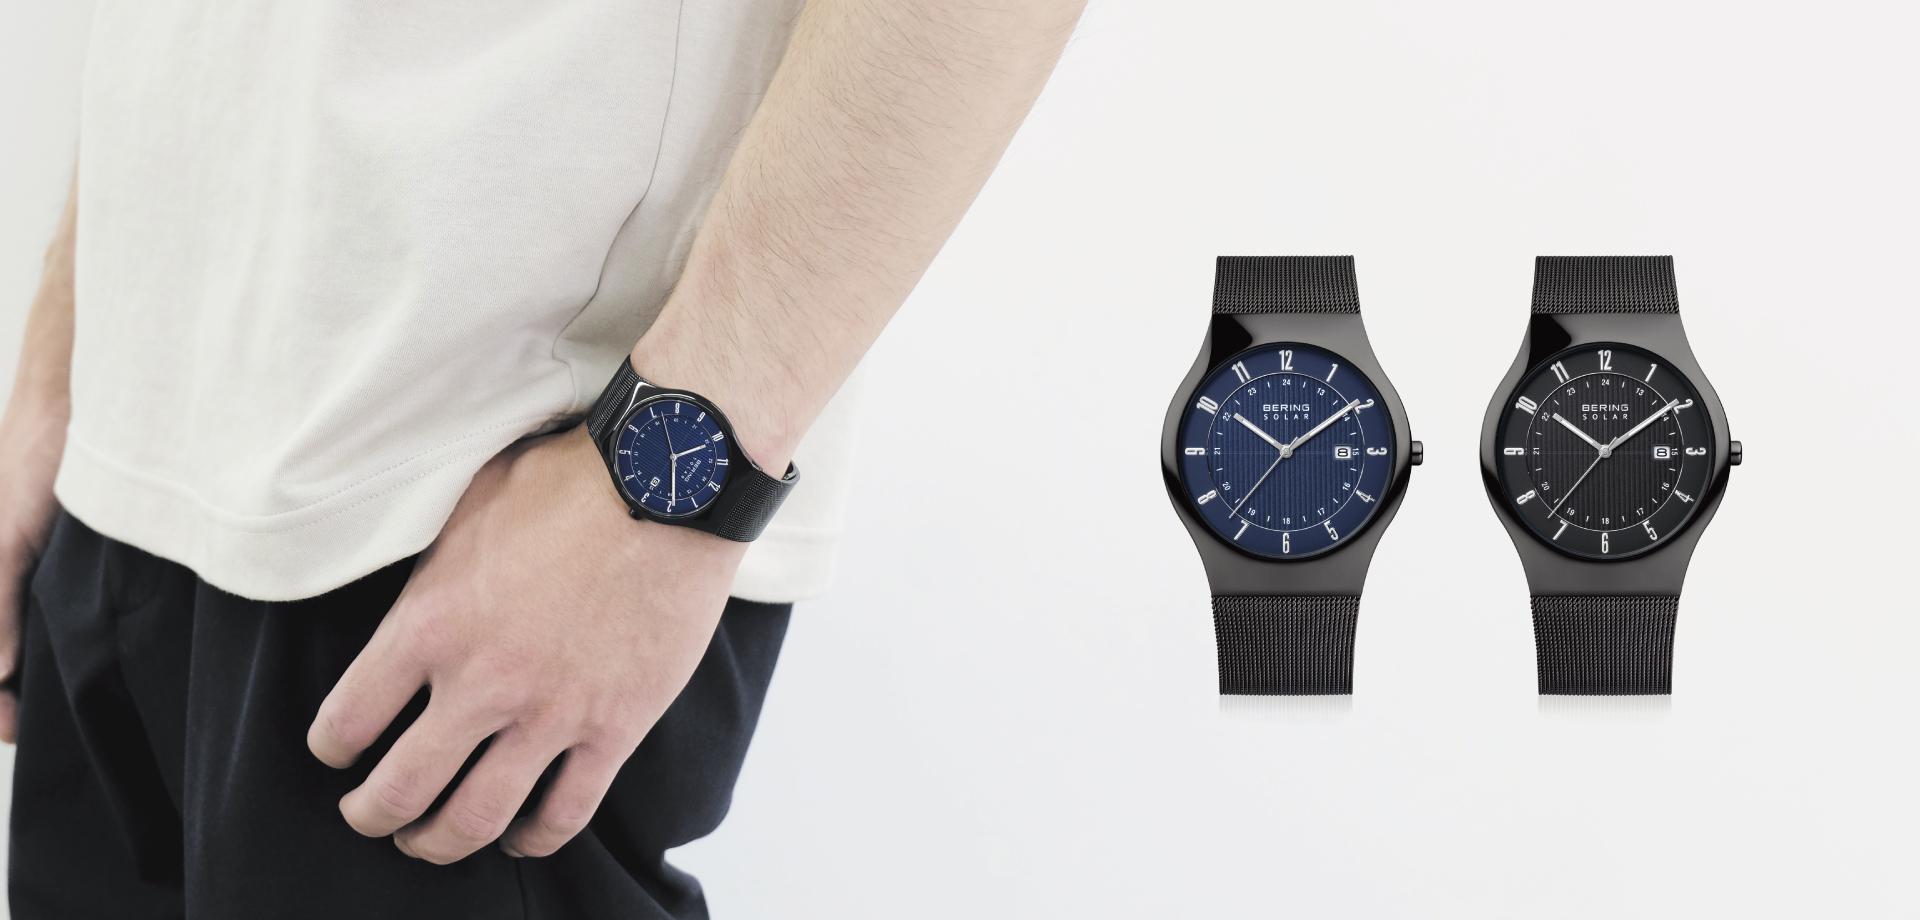 薄さ7mm!デンマークブランド「BERING」のソーラーウォッチは腕にもファッションにもフィット。